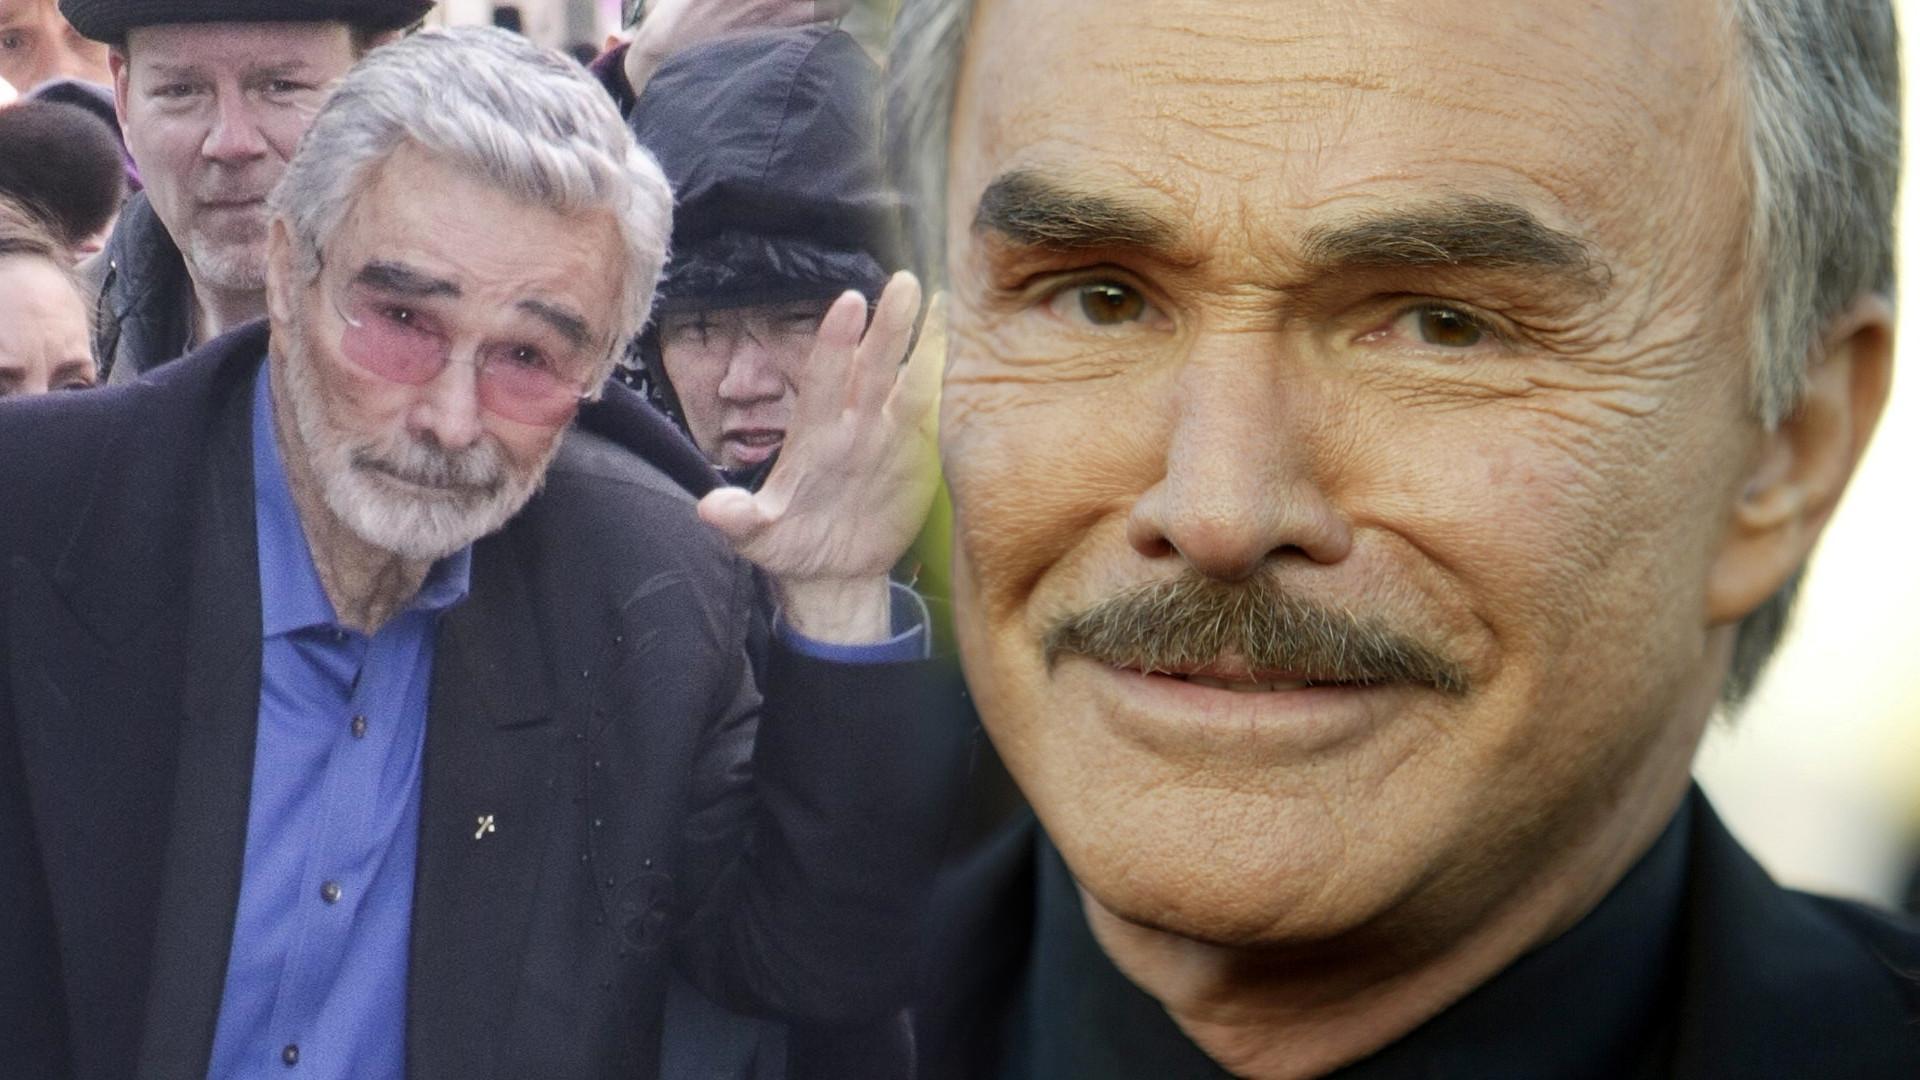 Nie żyje Burt Reynolds znany z filmu Mistrz kierownicy ucieka